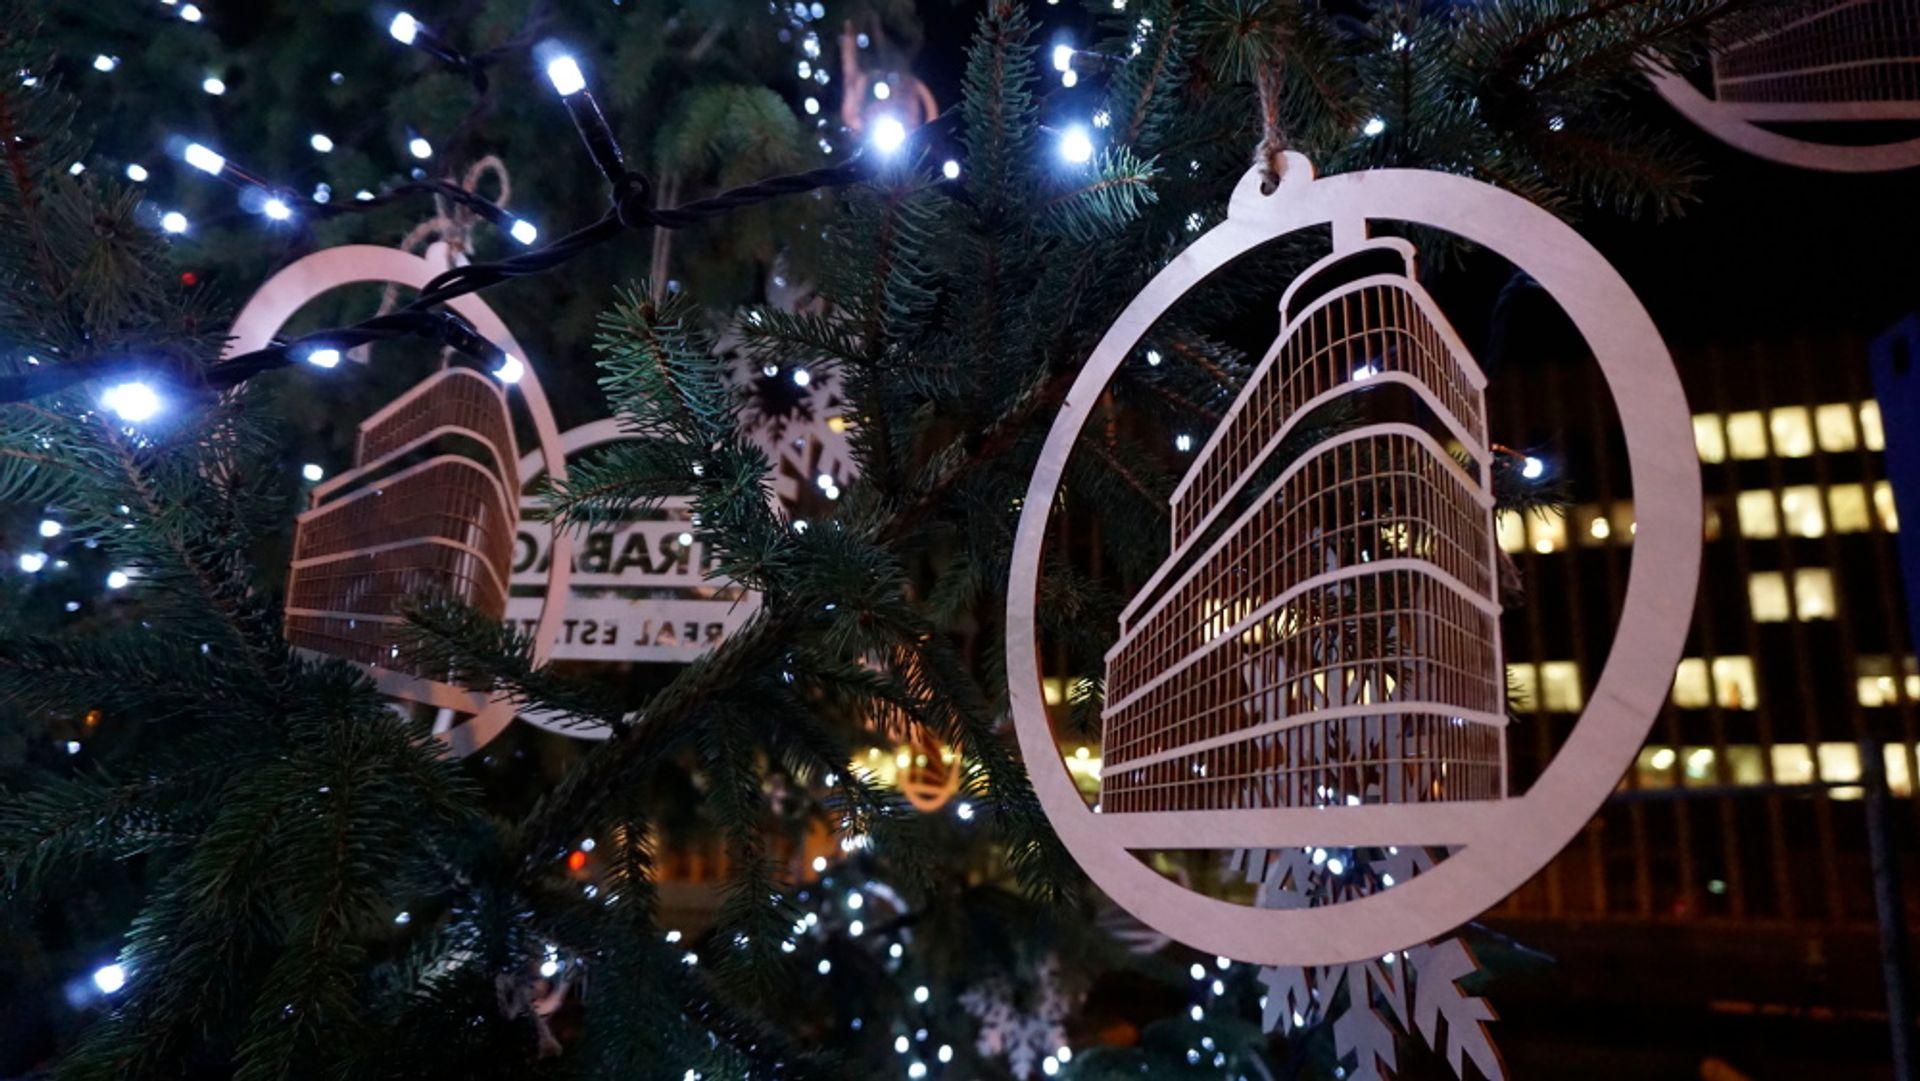 [Warszawa] Iluminacja świątecznej choinki na placu budowy biurowca Astoria